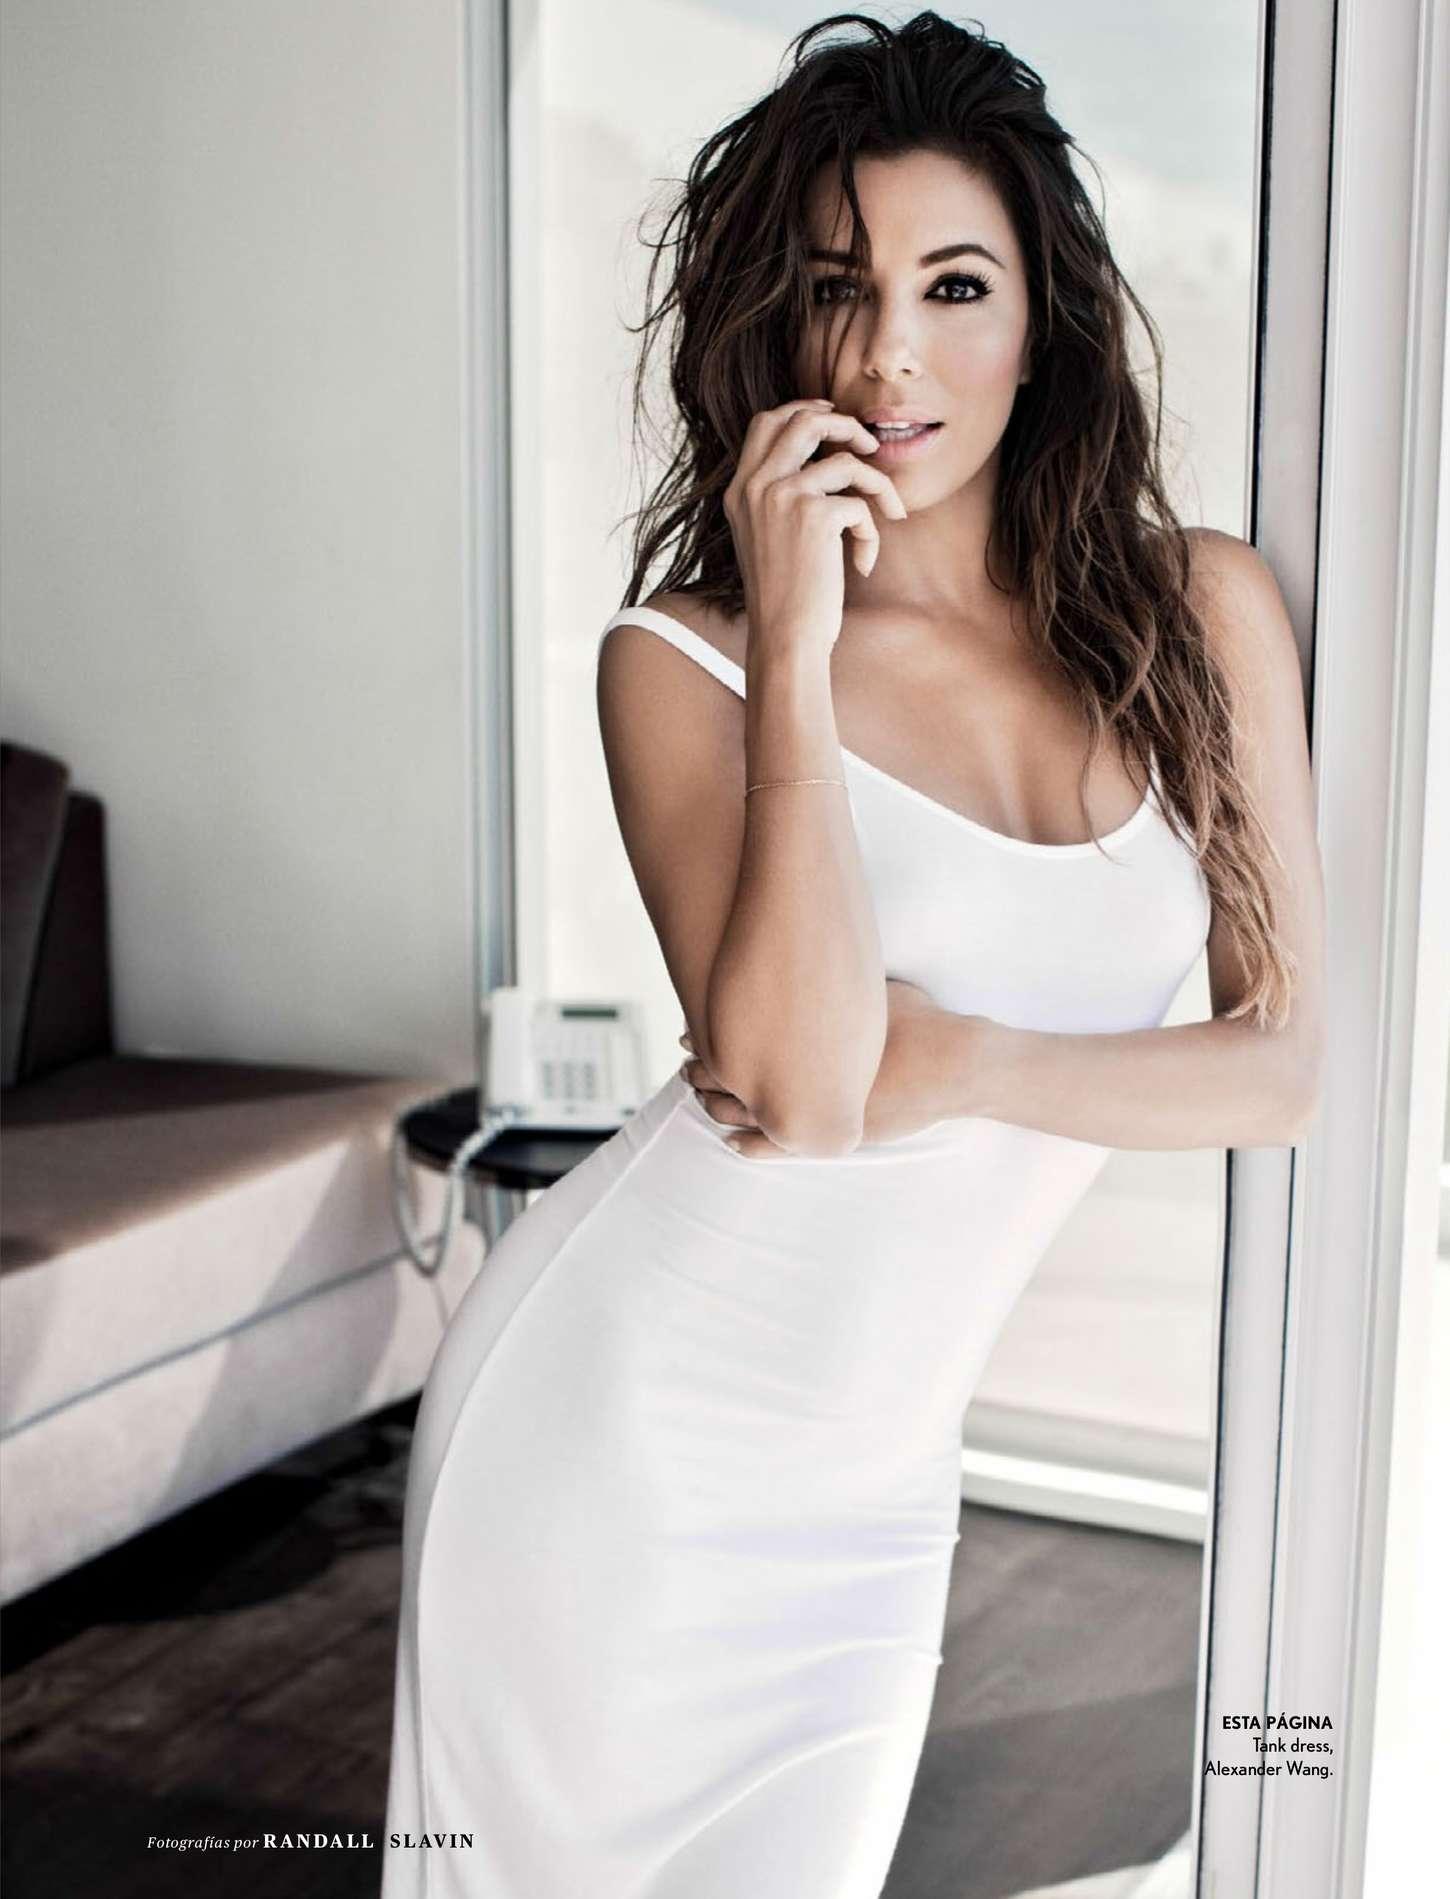 Eva Longoria: Maxim Me... Eva Longoria